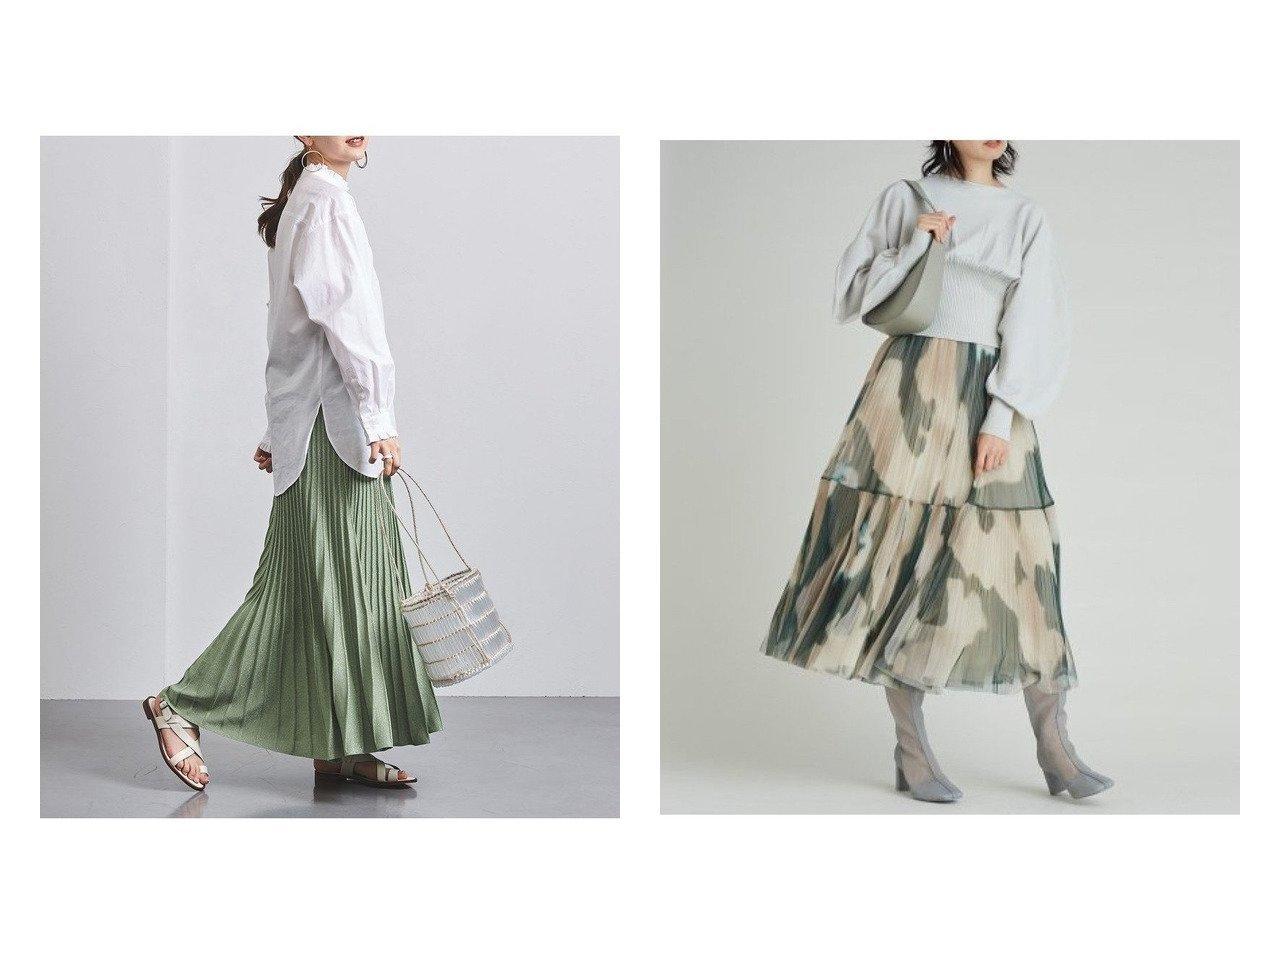 【UNITED ARROWS/ユナイテッドアローズ】のUWCC ラメ ニットプリーツ スカート†&【SNIDEL/スナイデル】のチュールタイダイスカート スカートのおすすめ!人気、トレンド・レディースファッションの通販 おすすめで人気の流行・トレンド、ファッションの通販商品 メンズファッション・キッズファッション・インテリア・家具・レディースファッション・服の通販 founy(ファニー) https://founy.com/ ファッション Fashion レディースファッション WOMEN スカート Skirt Aライン/フレアスカート Flared A-Line Skirts プリーツスカート Pleated Skirts エアリー 春 Spring カットソー ダウン チュール トレンド 人気 バランス フェミニン フレア プリント プリーツ マーブル 再入荷 Restock/Back in Stock/Re Arrival NEW・新作・新着・新入荷 New Arrivals アンダー ギャザー シアー シンプル ドレス ドレープ |ID:crp329100000011756